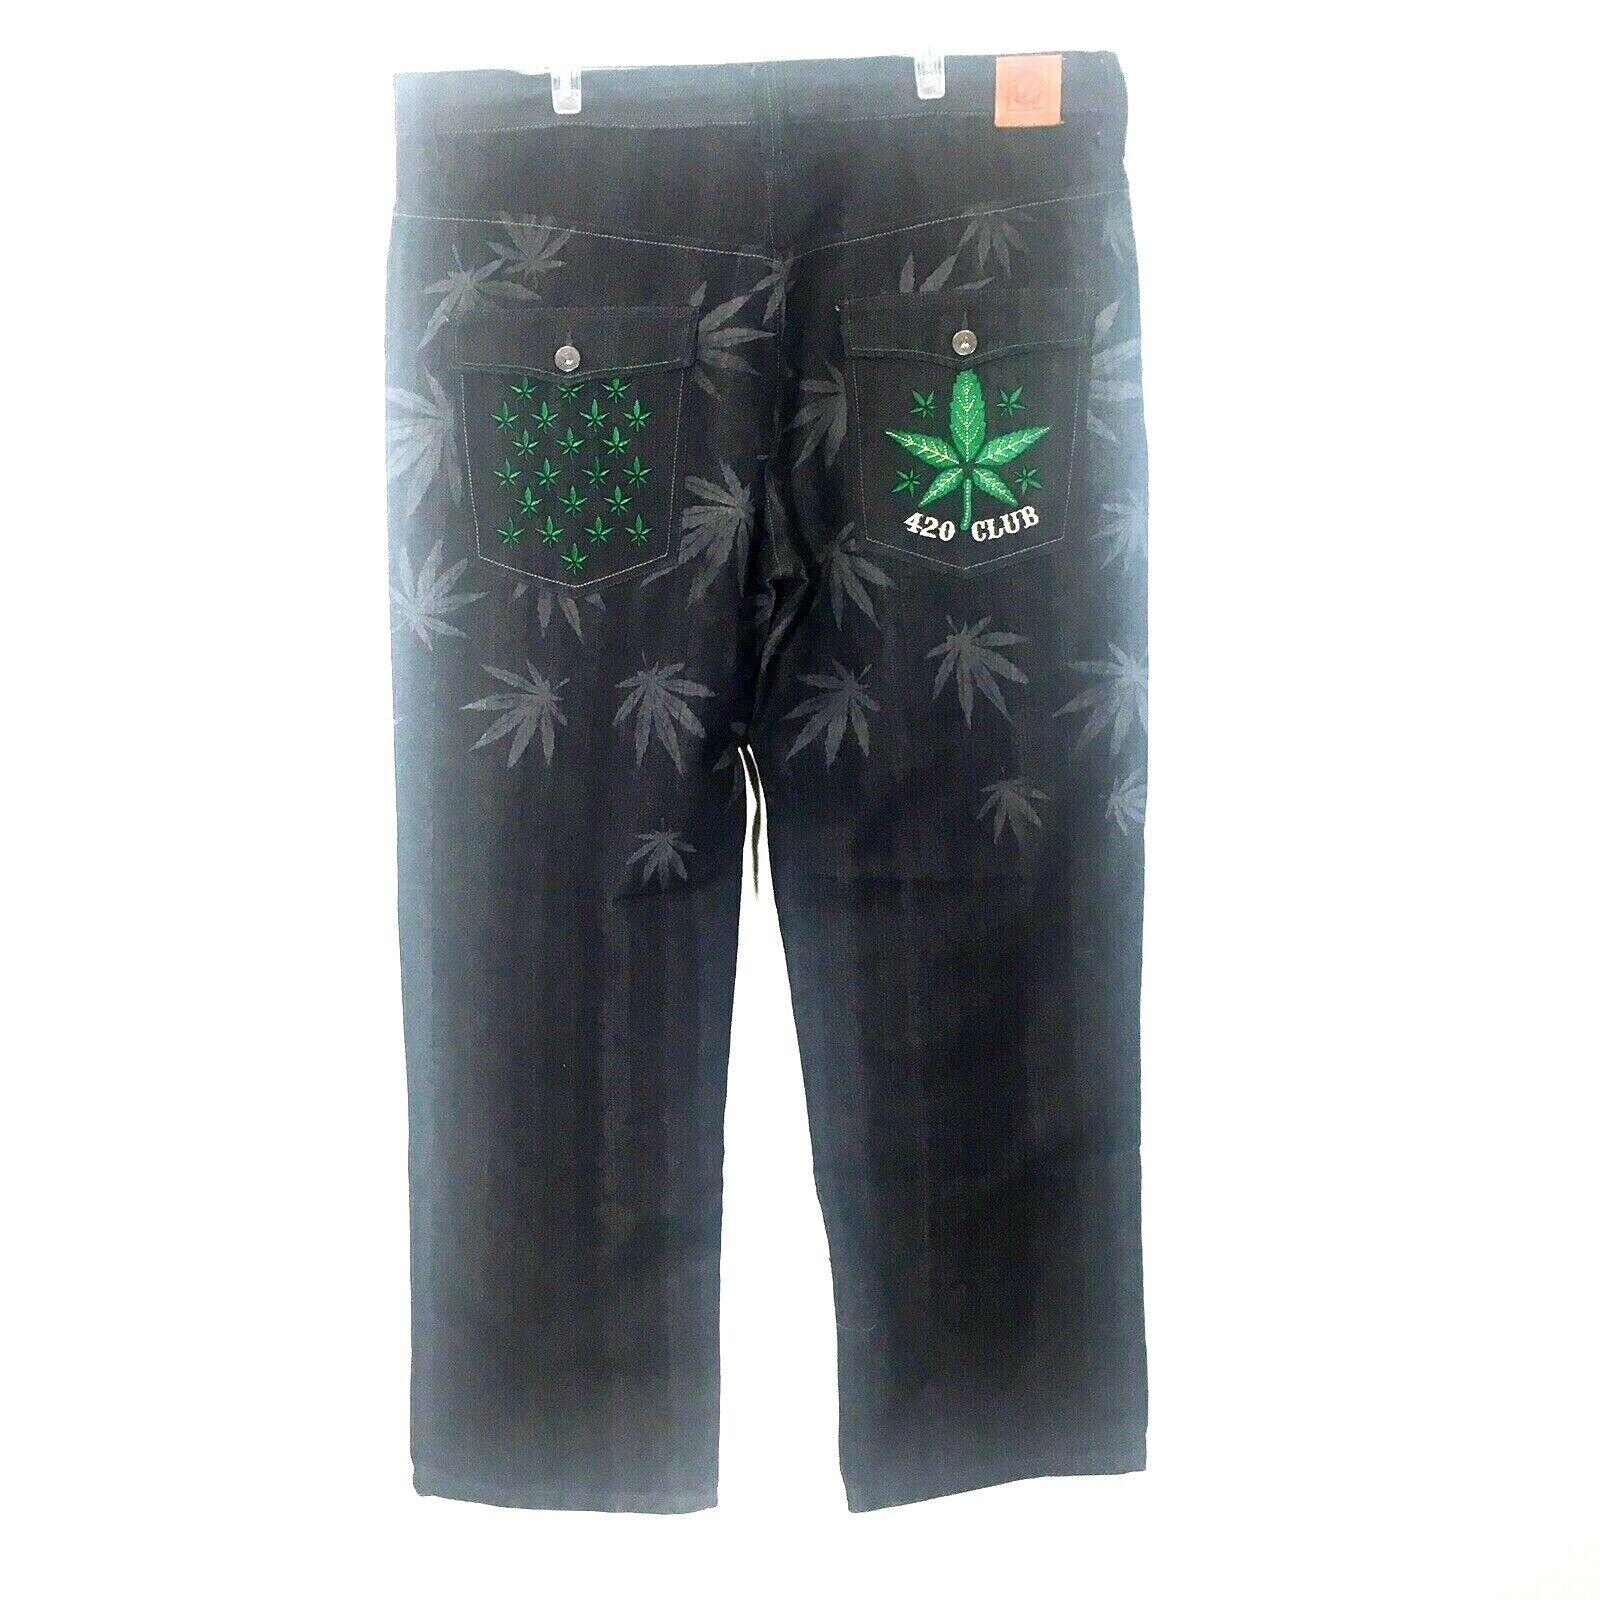 Square Zero Jeans W42 x 34L 420 Club Marijuana Leaf Dark Wash Straight Leg NWT